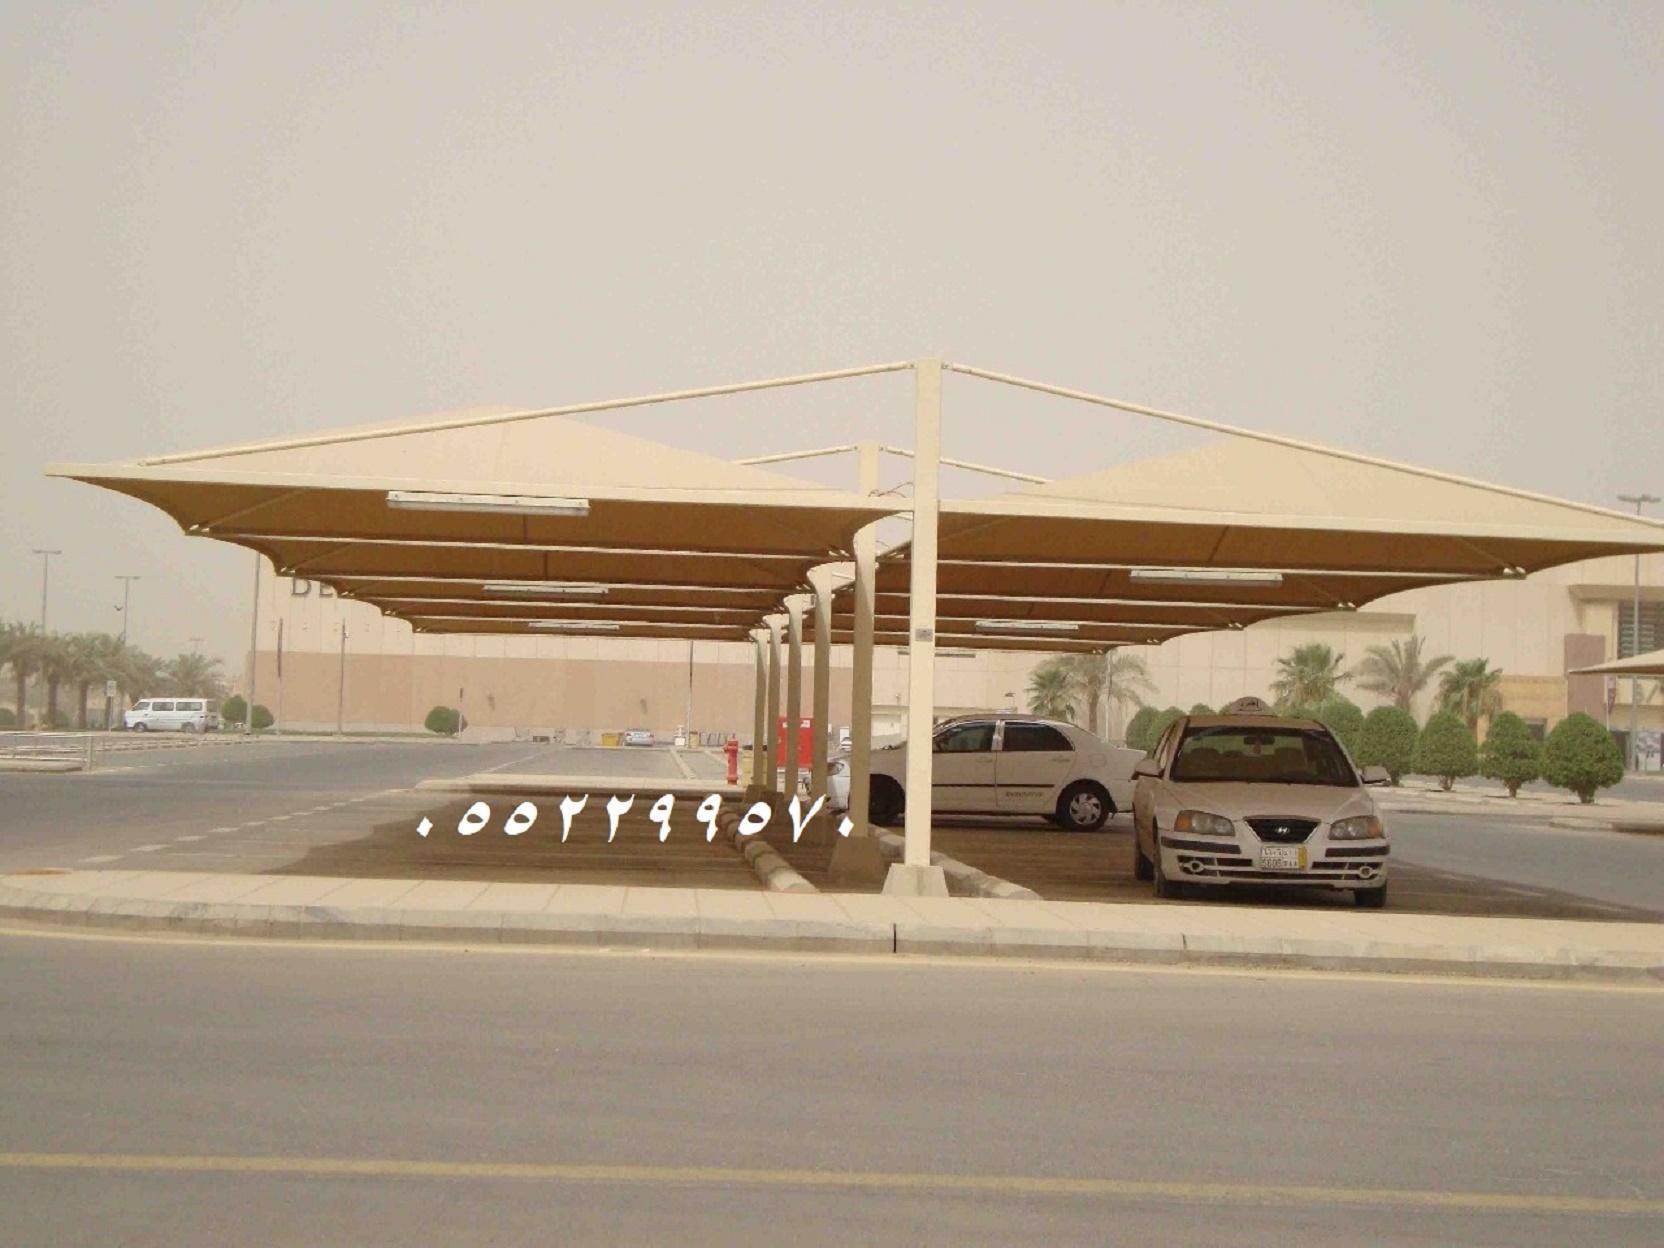 المظلات, مظلات الرياض,مظلات السيارات, زراعية